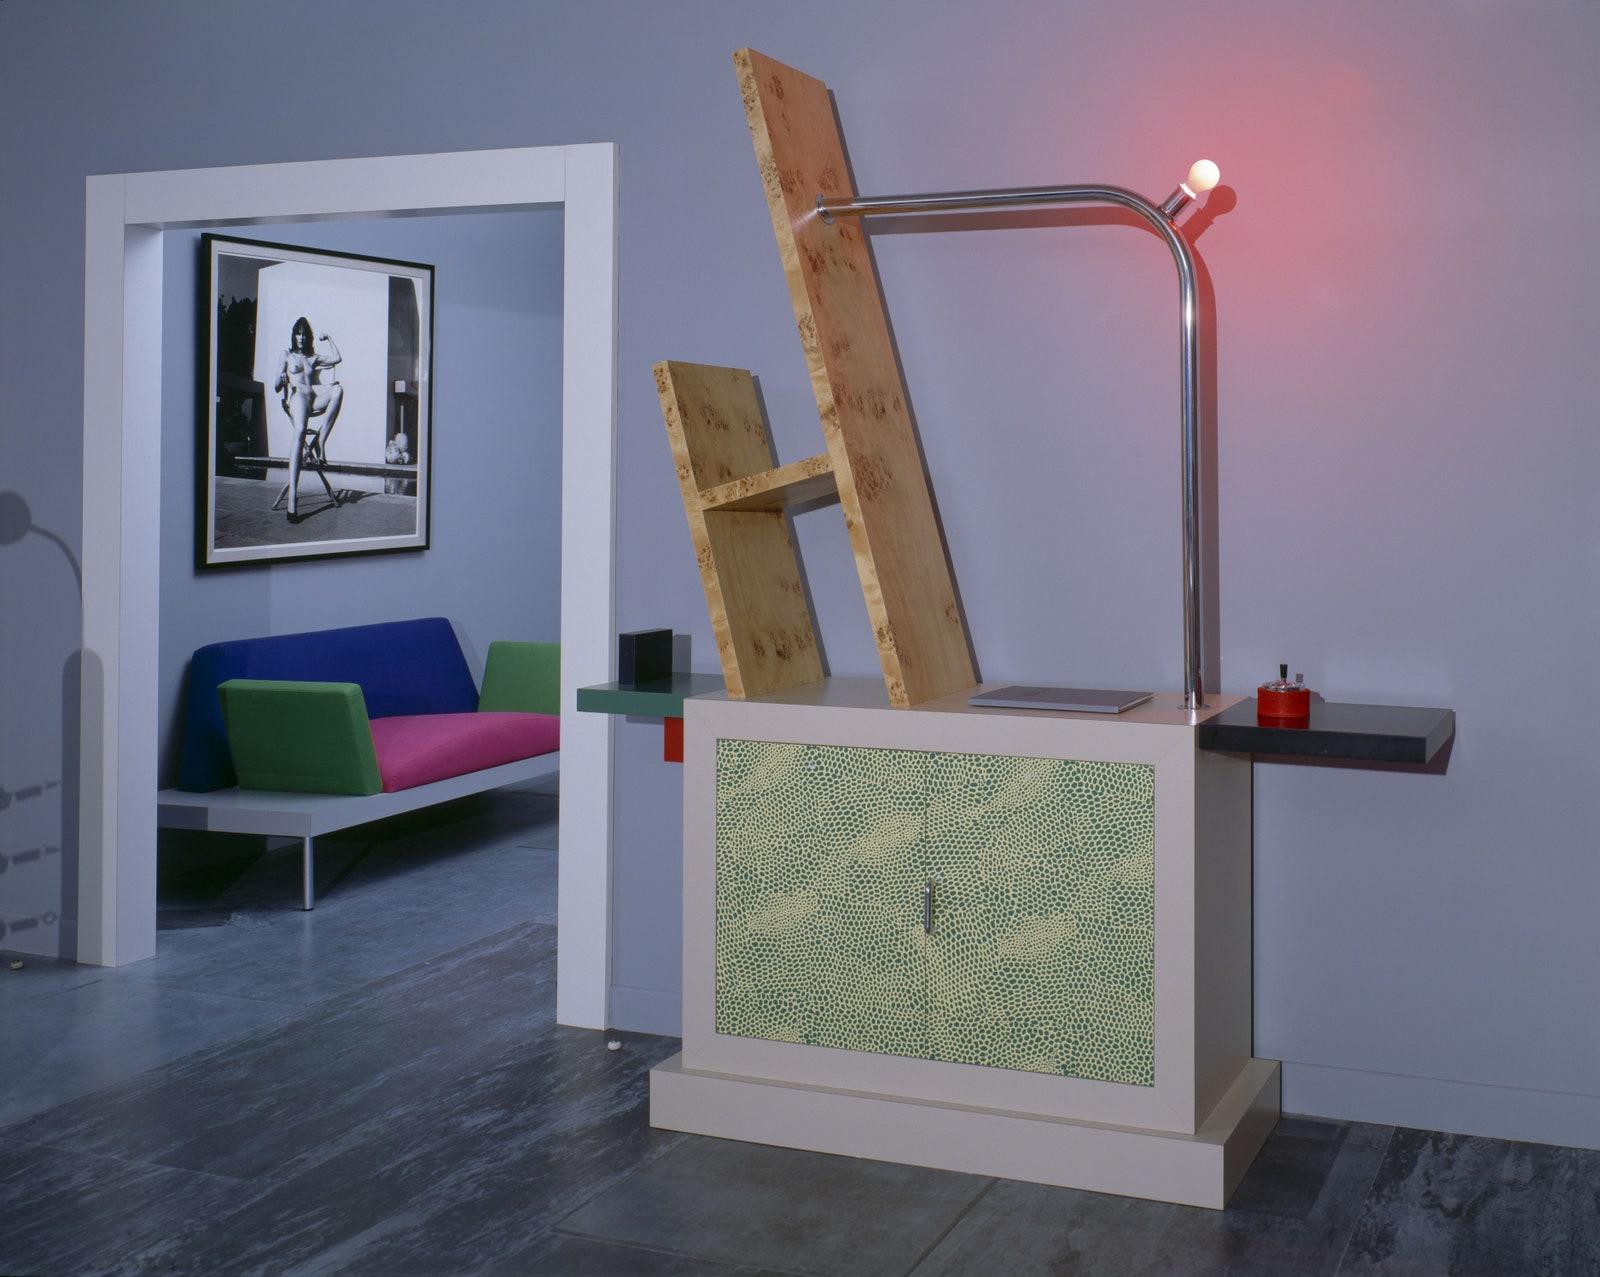 Karl Lagerfelds Monte Carlo Apartment with designs by Memphis Monaco 1982  Jacques Schumacher  VG BildKunst Bonn 2021...